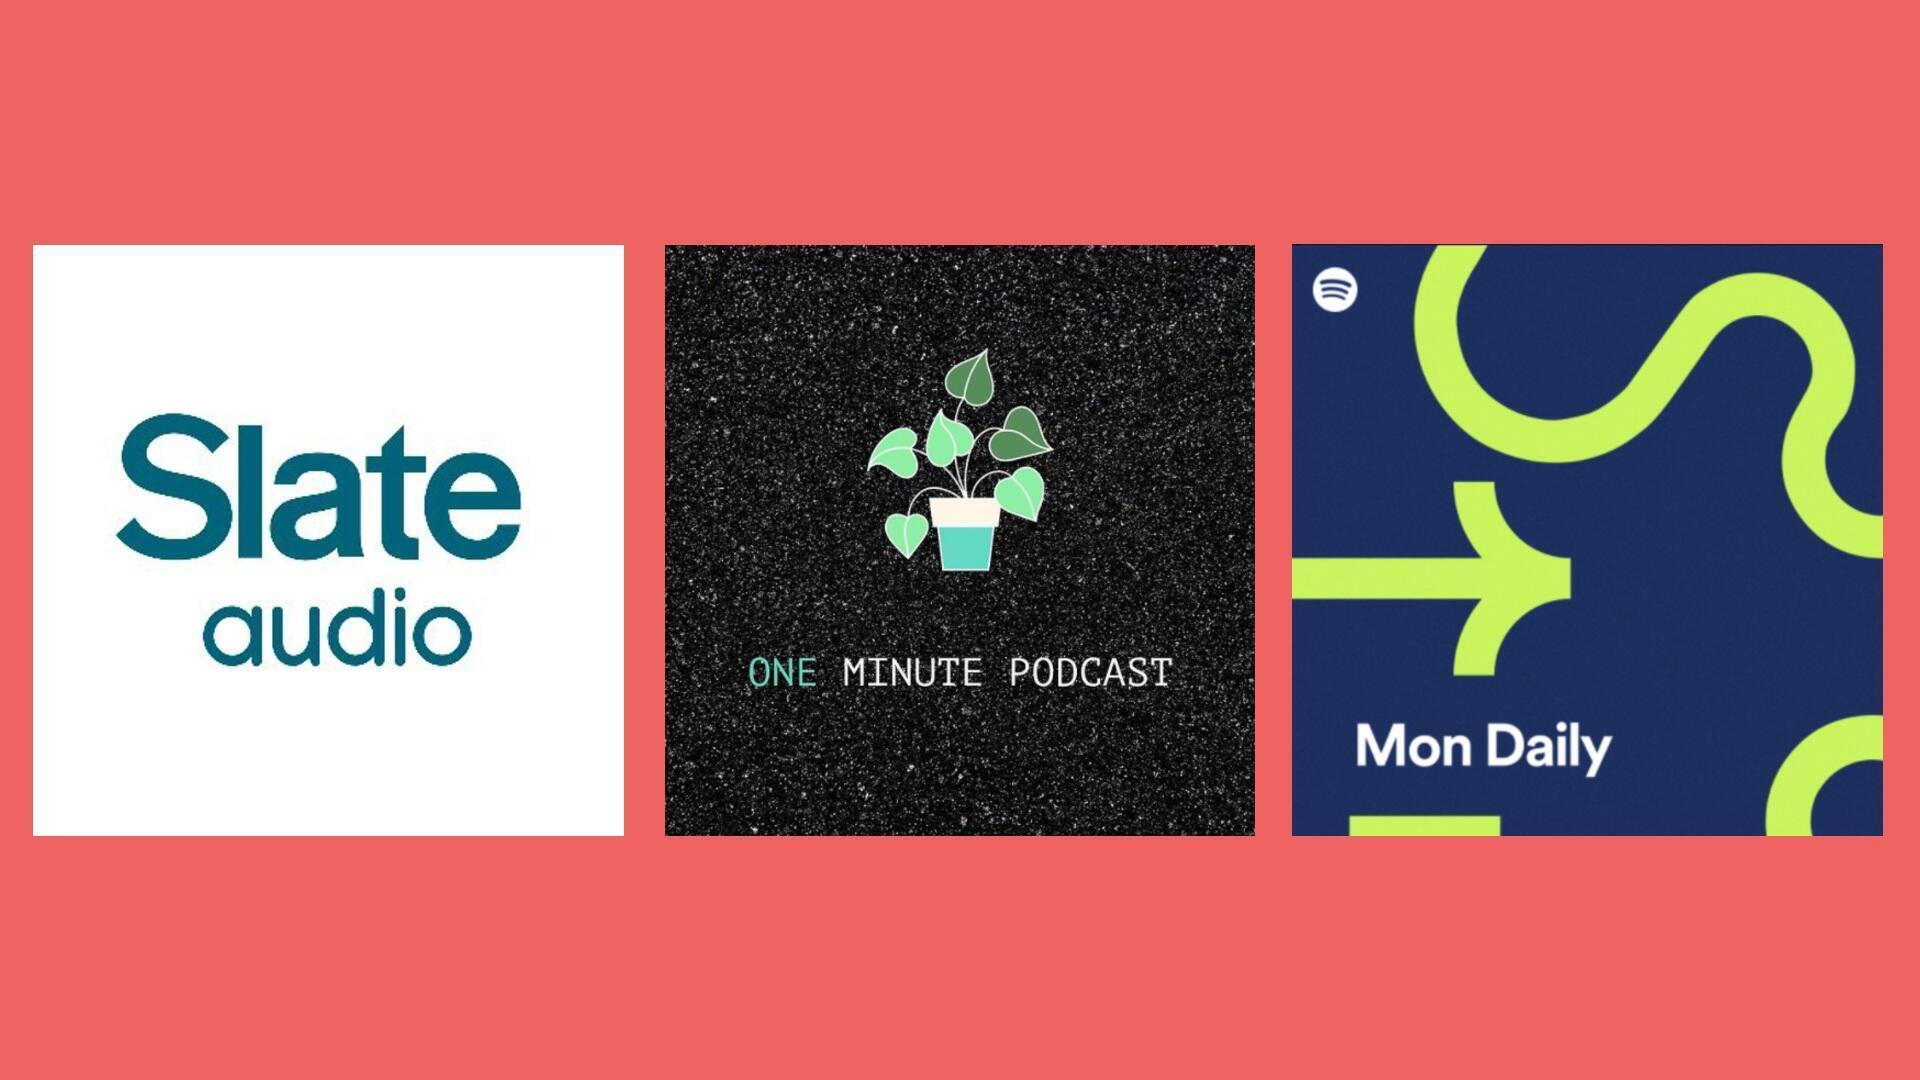 podcasts-spotify-slate-audio